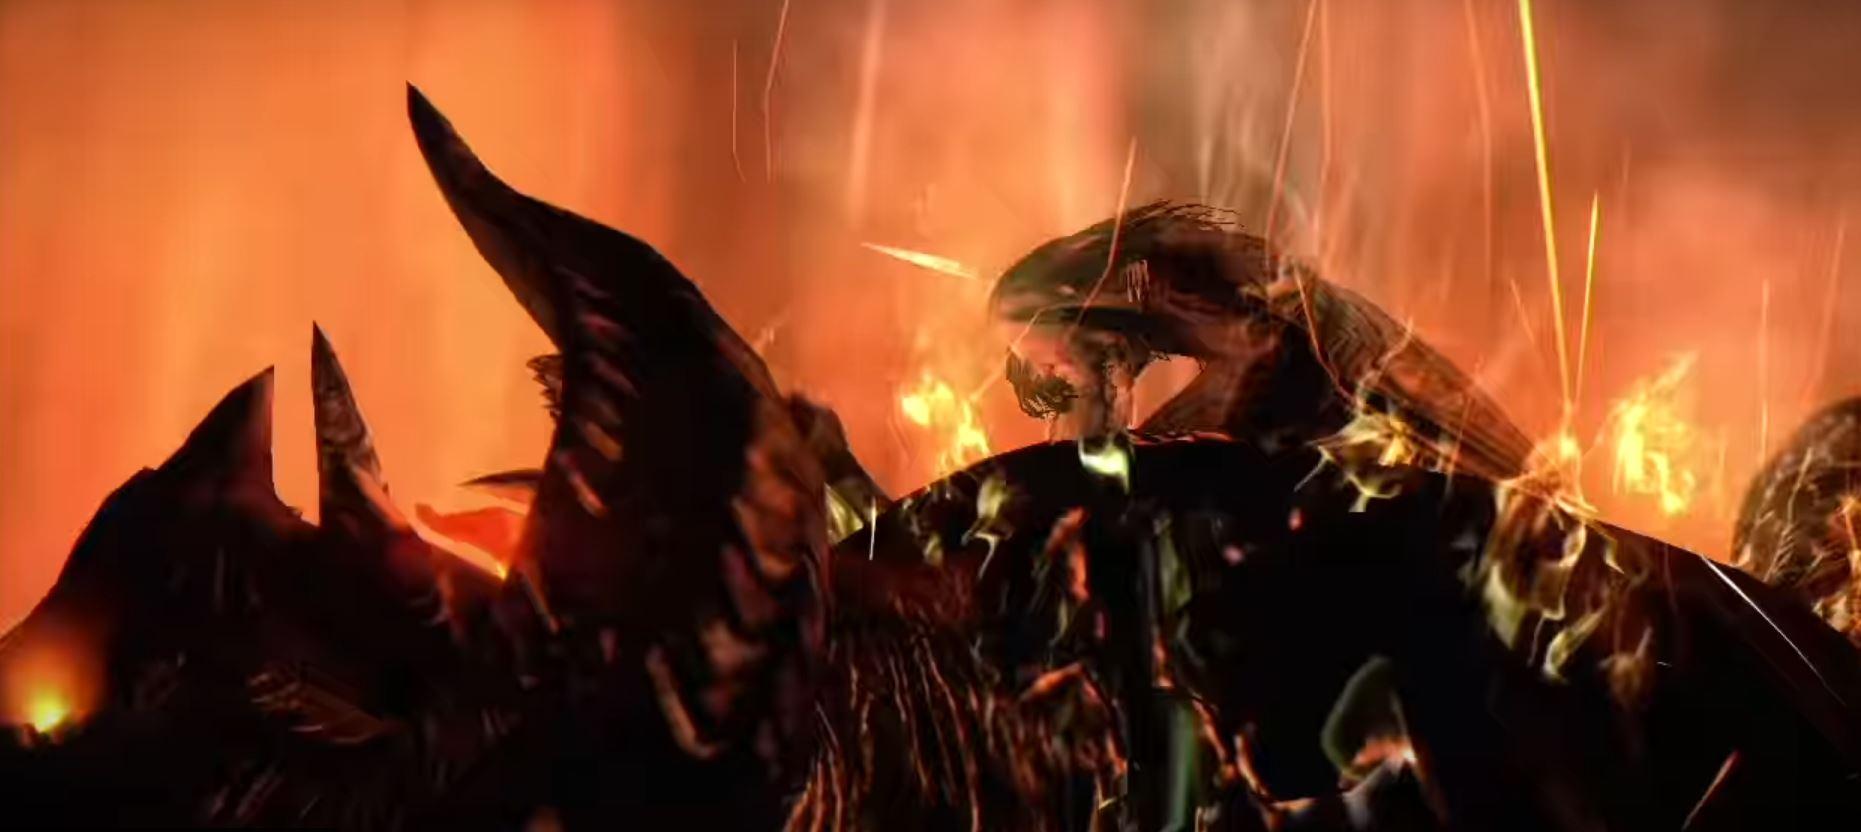 Убить Балрога: отрывок изотменённой игры по«Властелину колец»